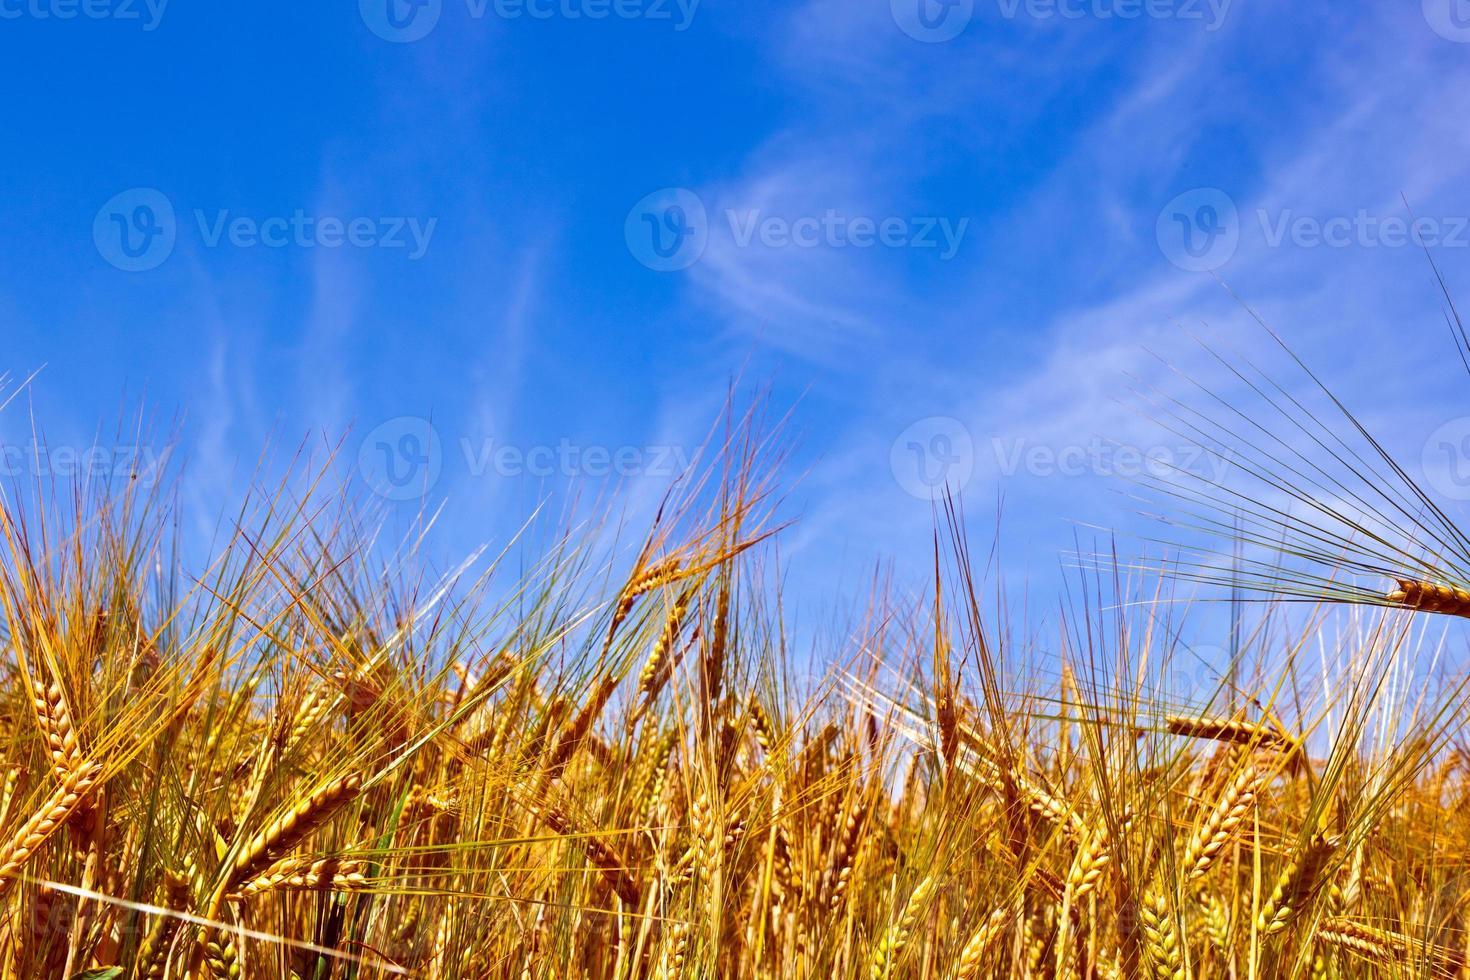 gyllene majsfält med blå himmel foto